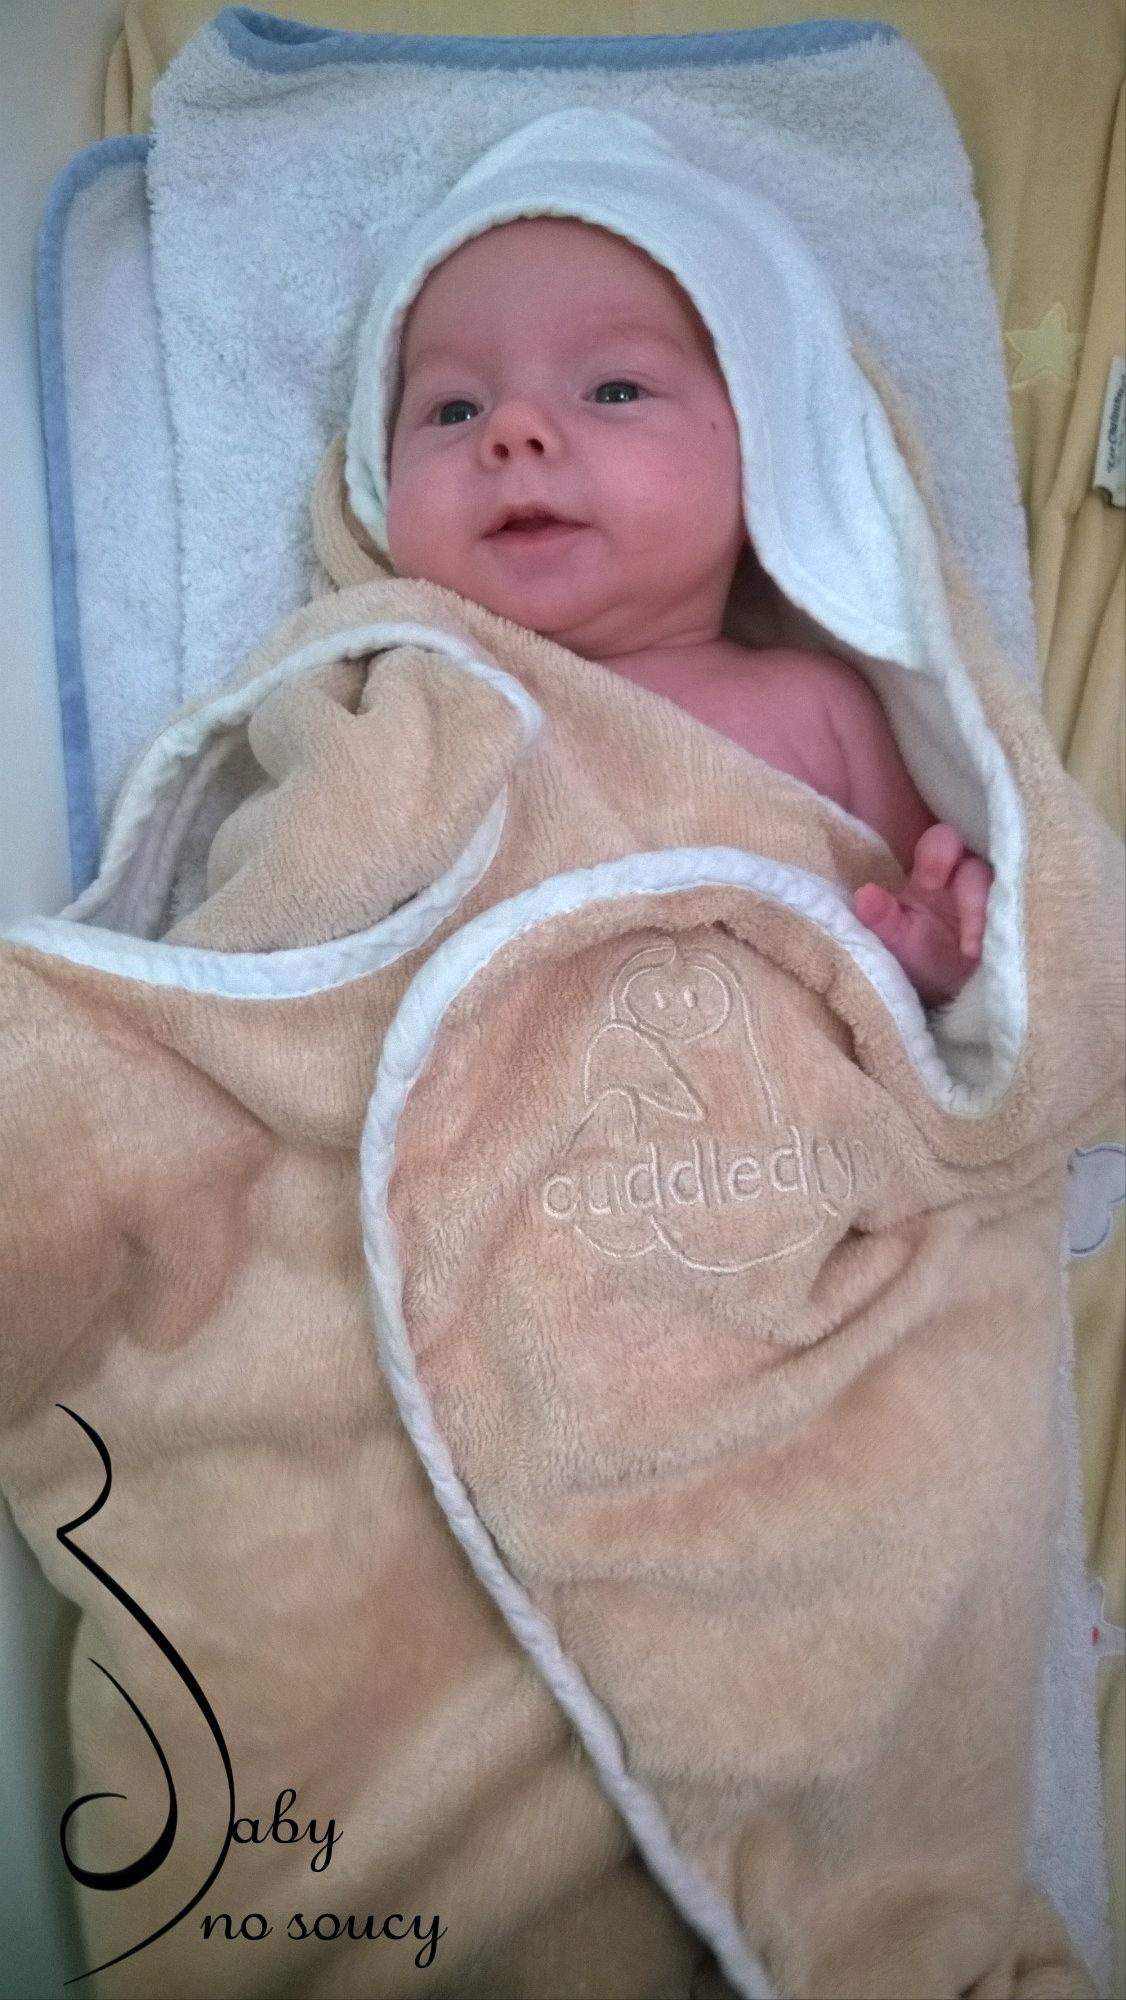 test serviette de bain cuddledry blog baby no soucy